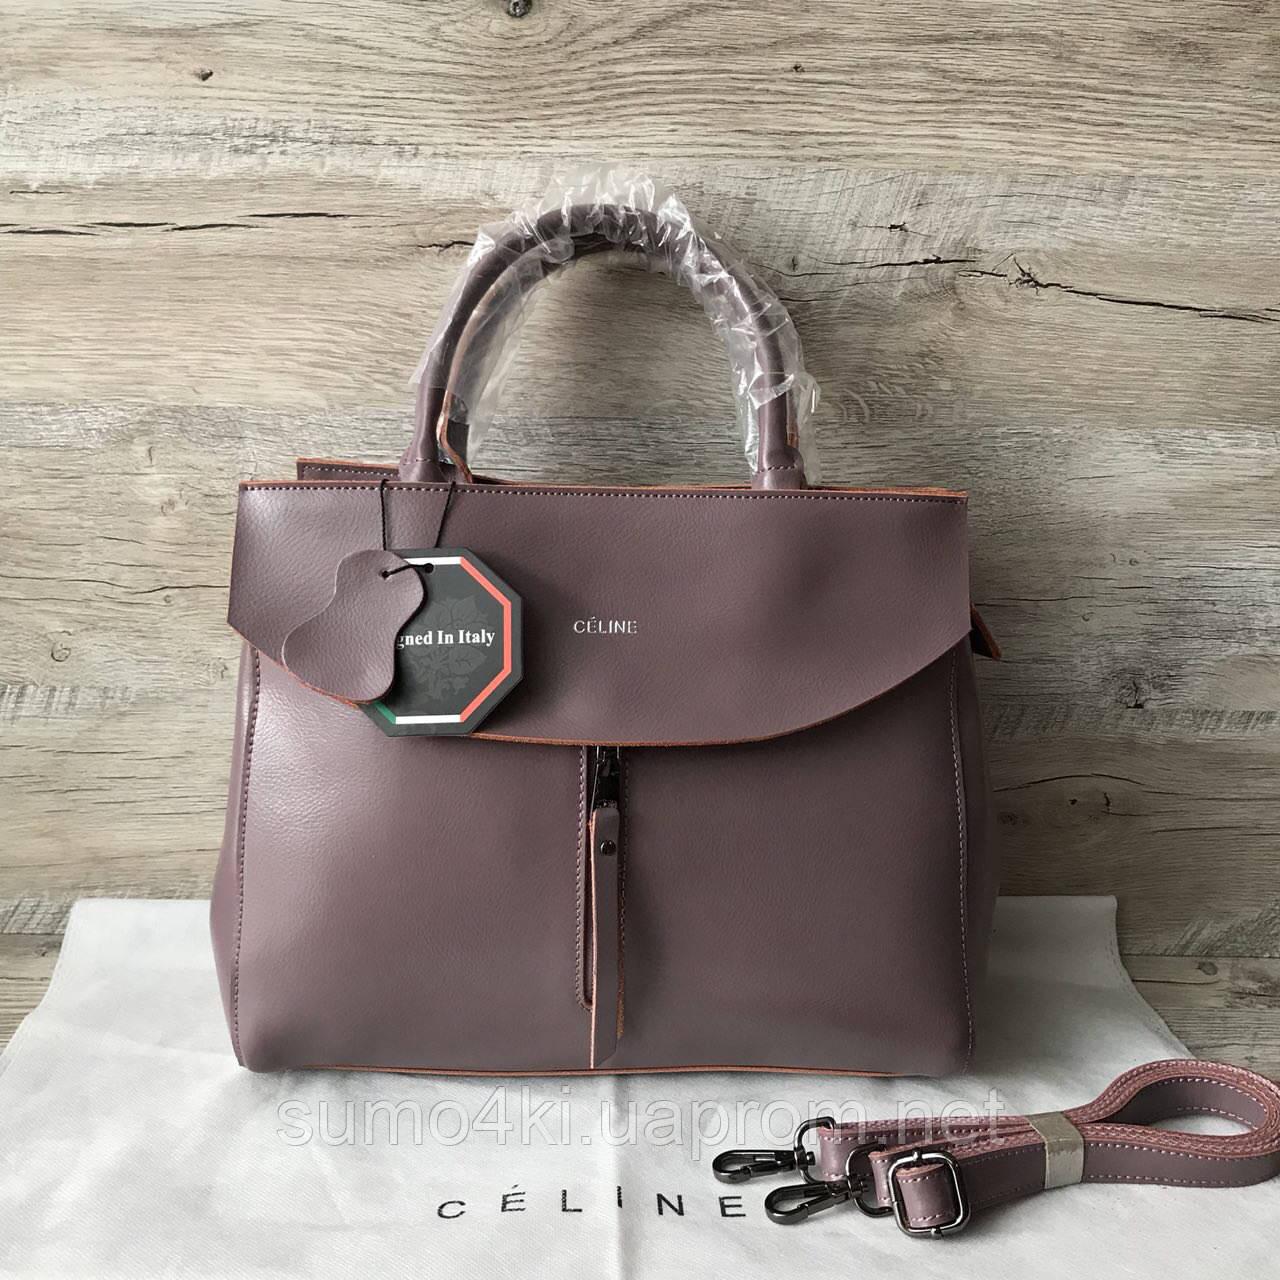 952f42cc552a Купить Женскую кожаную сумку Celine Селин оптом и в розницу в Одессе ...